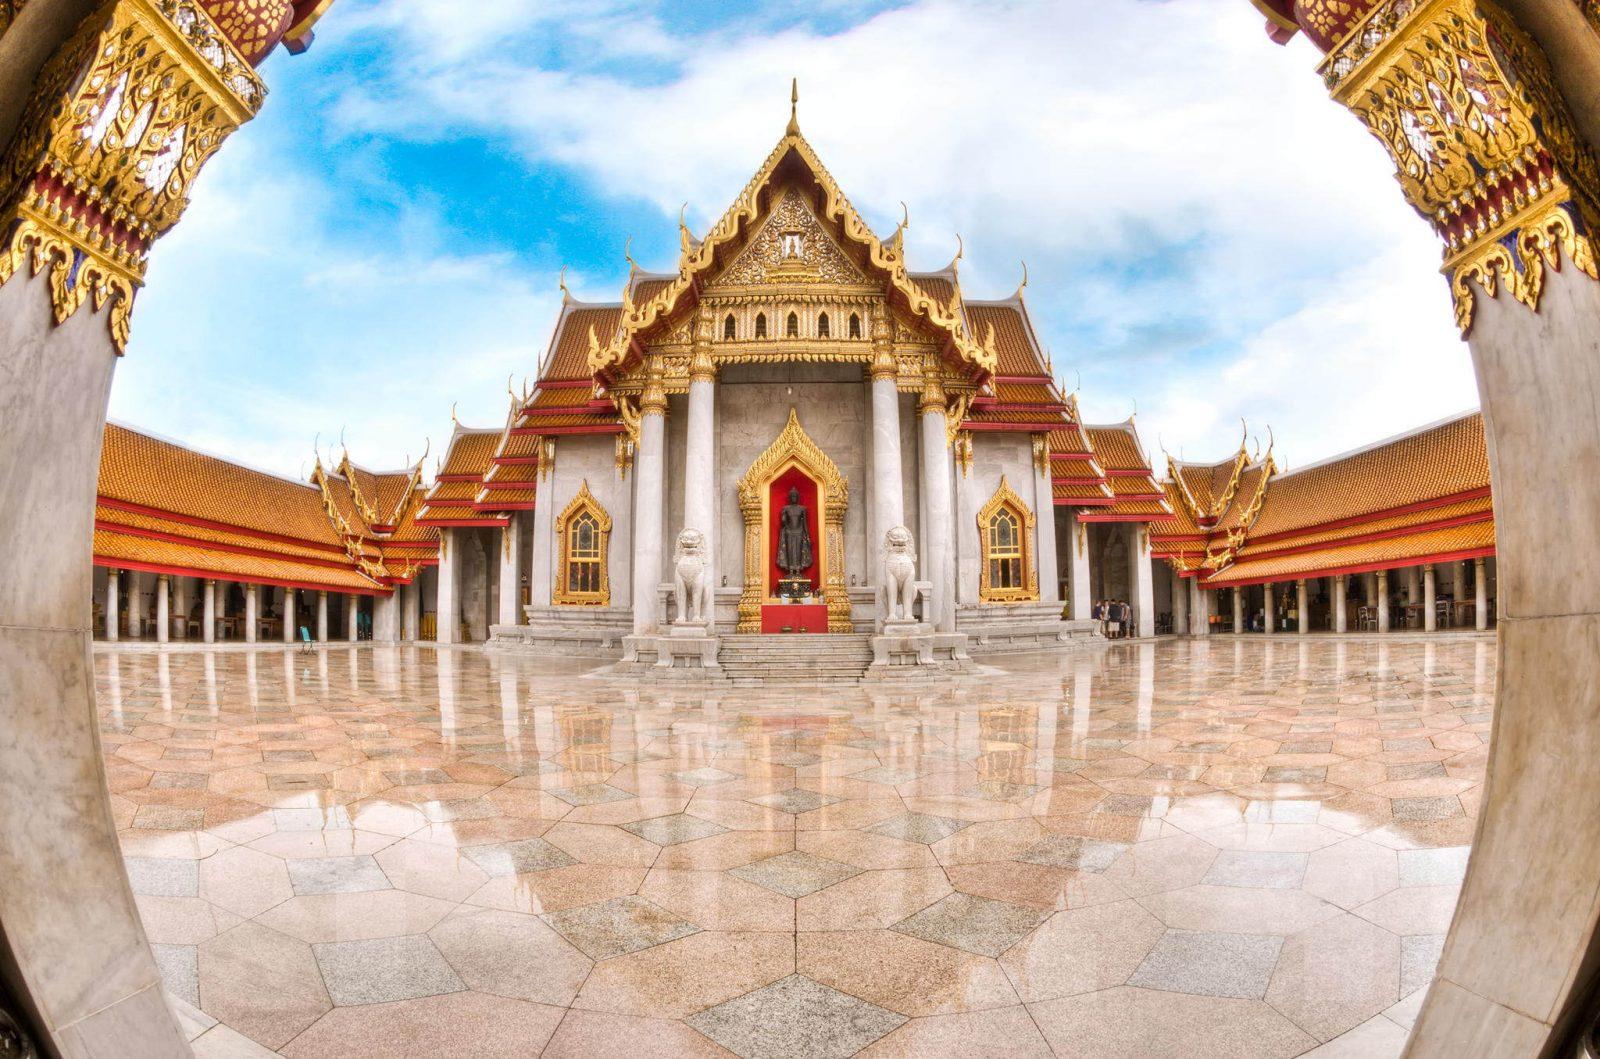 Roteiro de 4 dias em Bangkok 5 dica Viaje Global